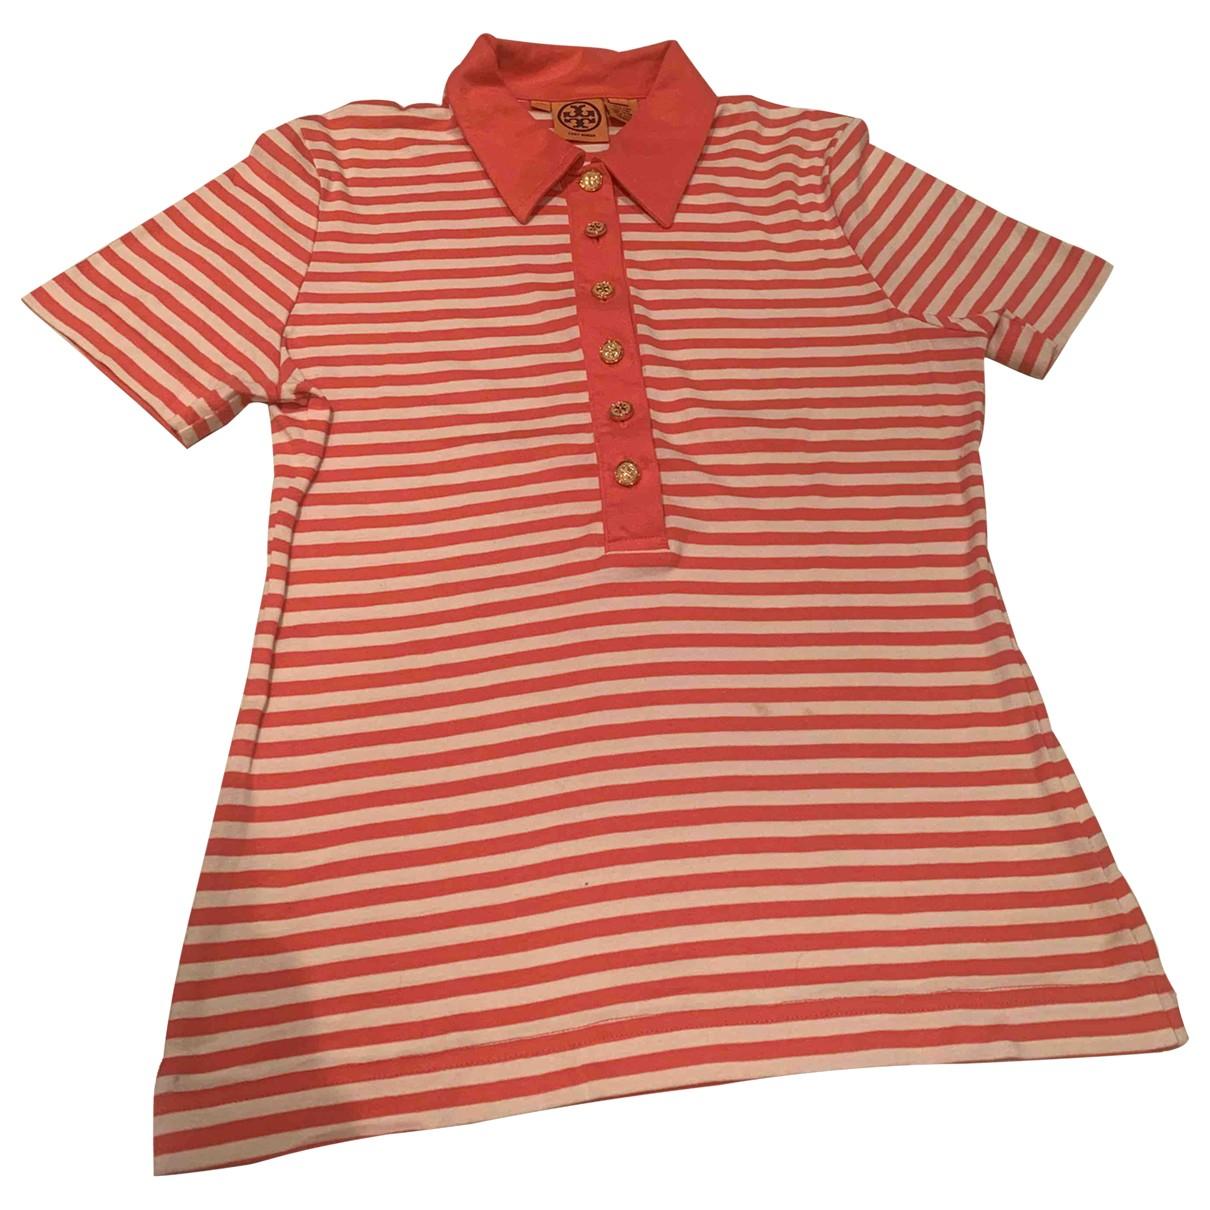 Tory Burch - Top   pour femme en coton - orange